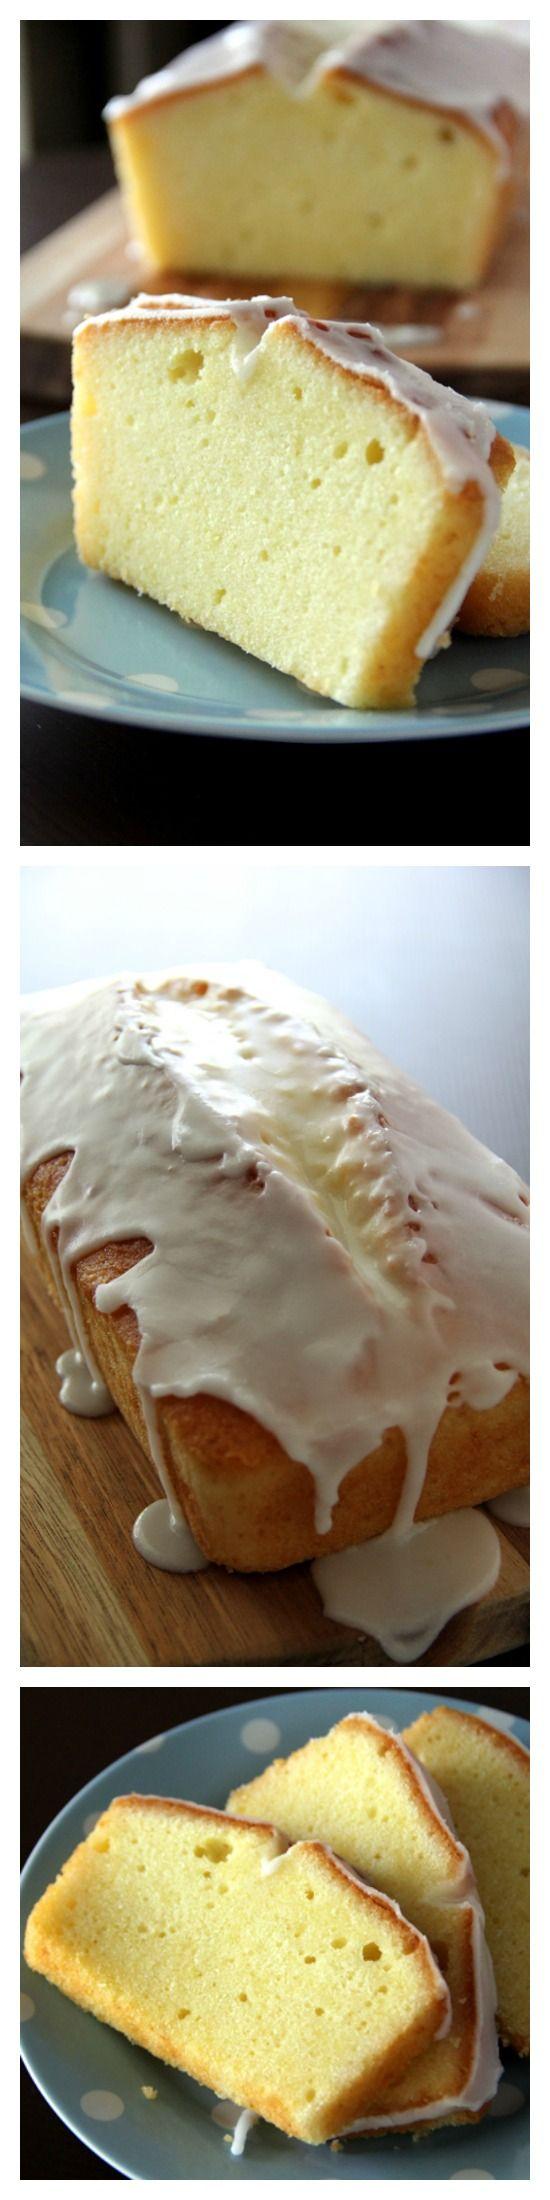 Meyer Lemon Pound Cake Recipe. Citrusy, rich, buttery pound cake ...